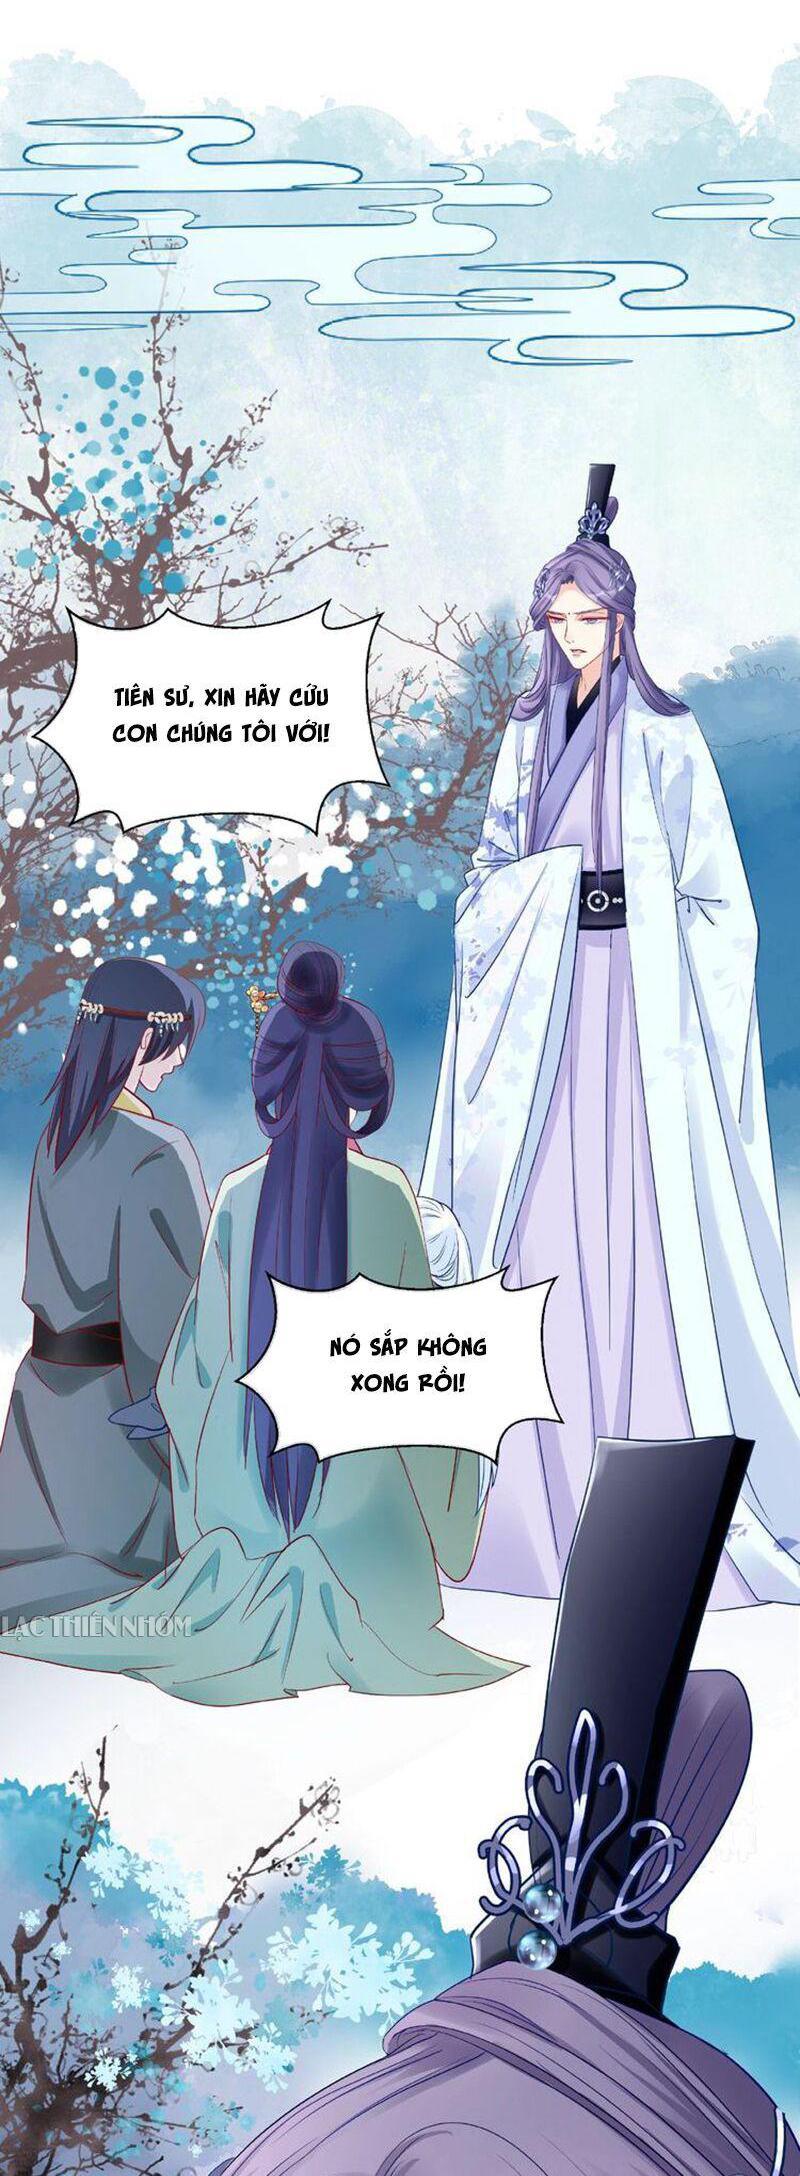 Ma Tôn Muốn Ôm Ôm: Chapter 26